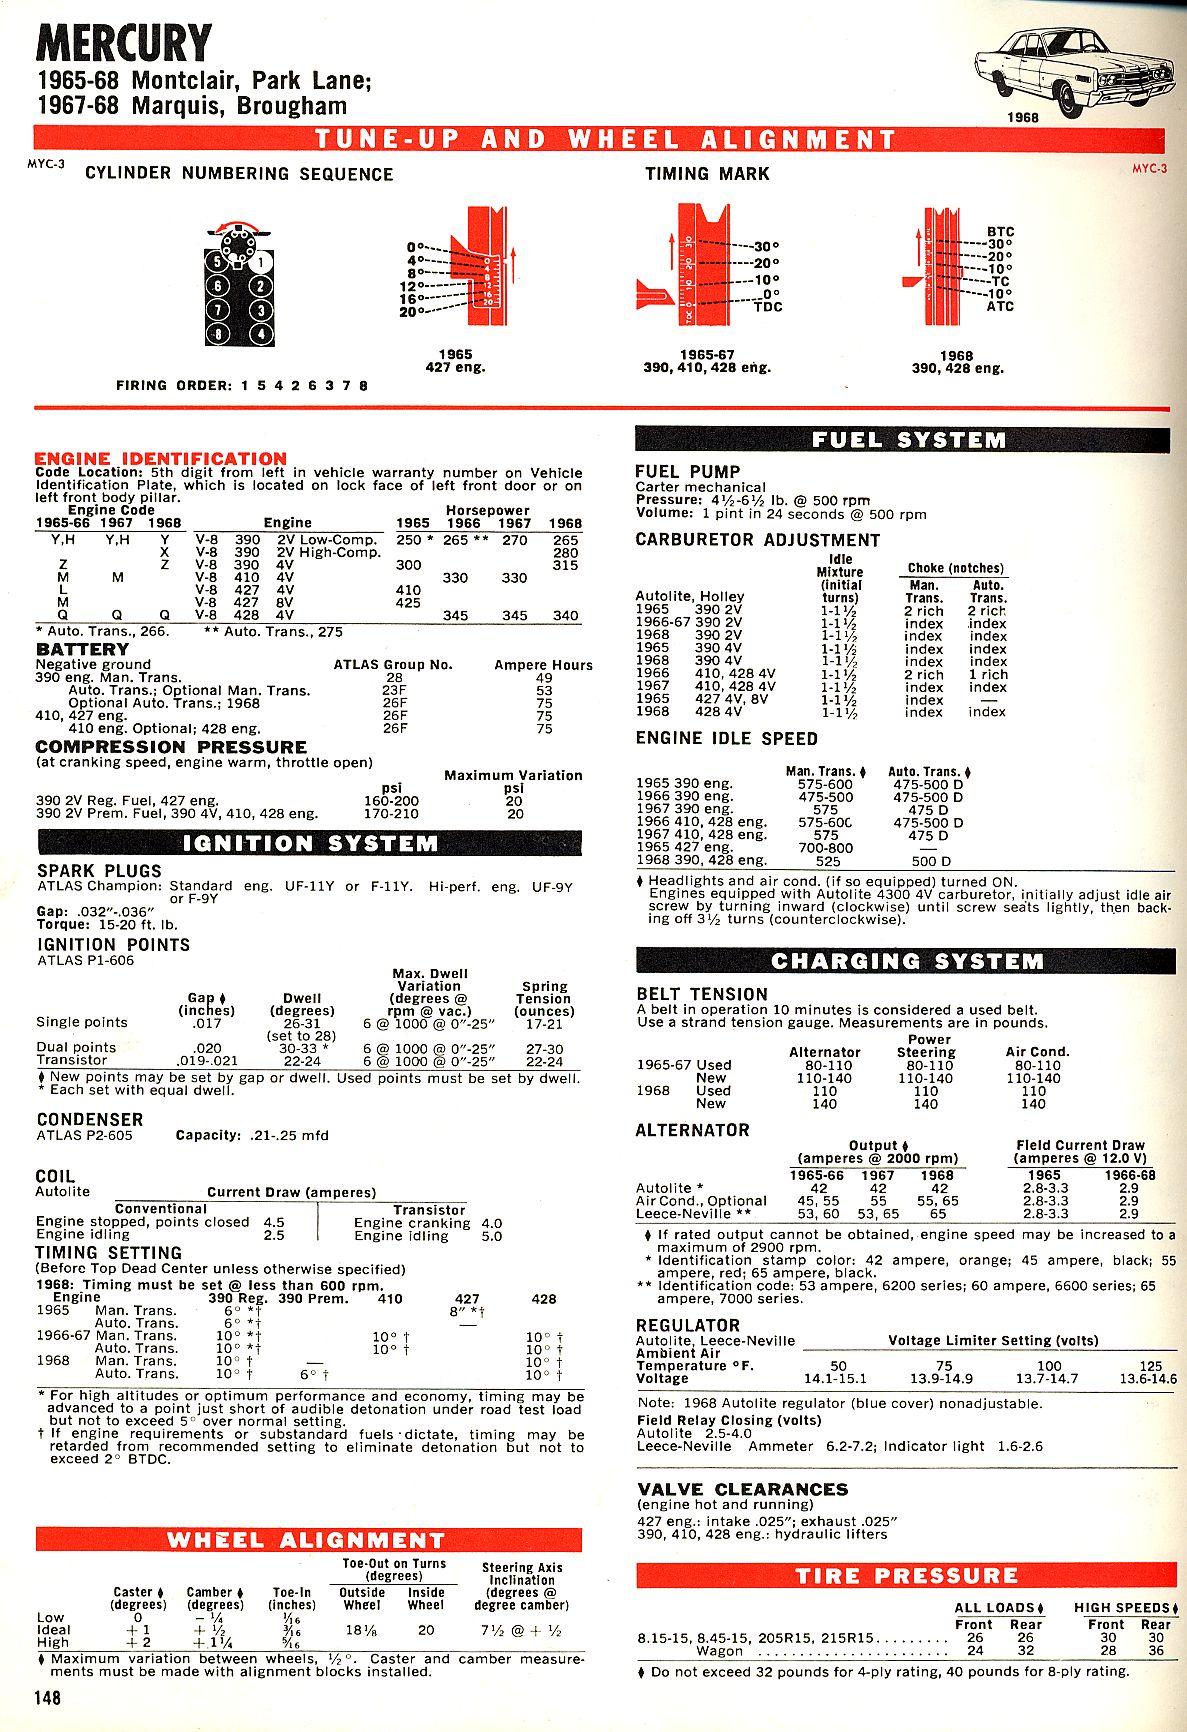 Esso Car Care Guide 1968